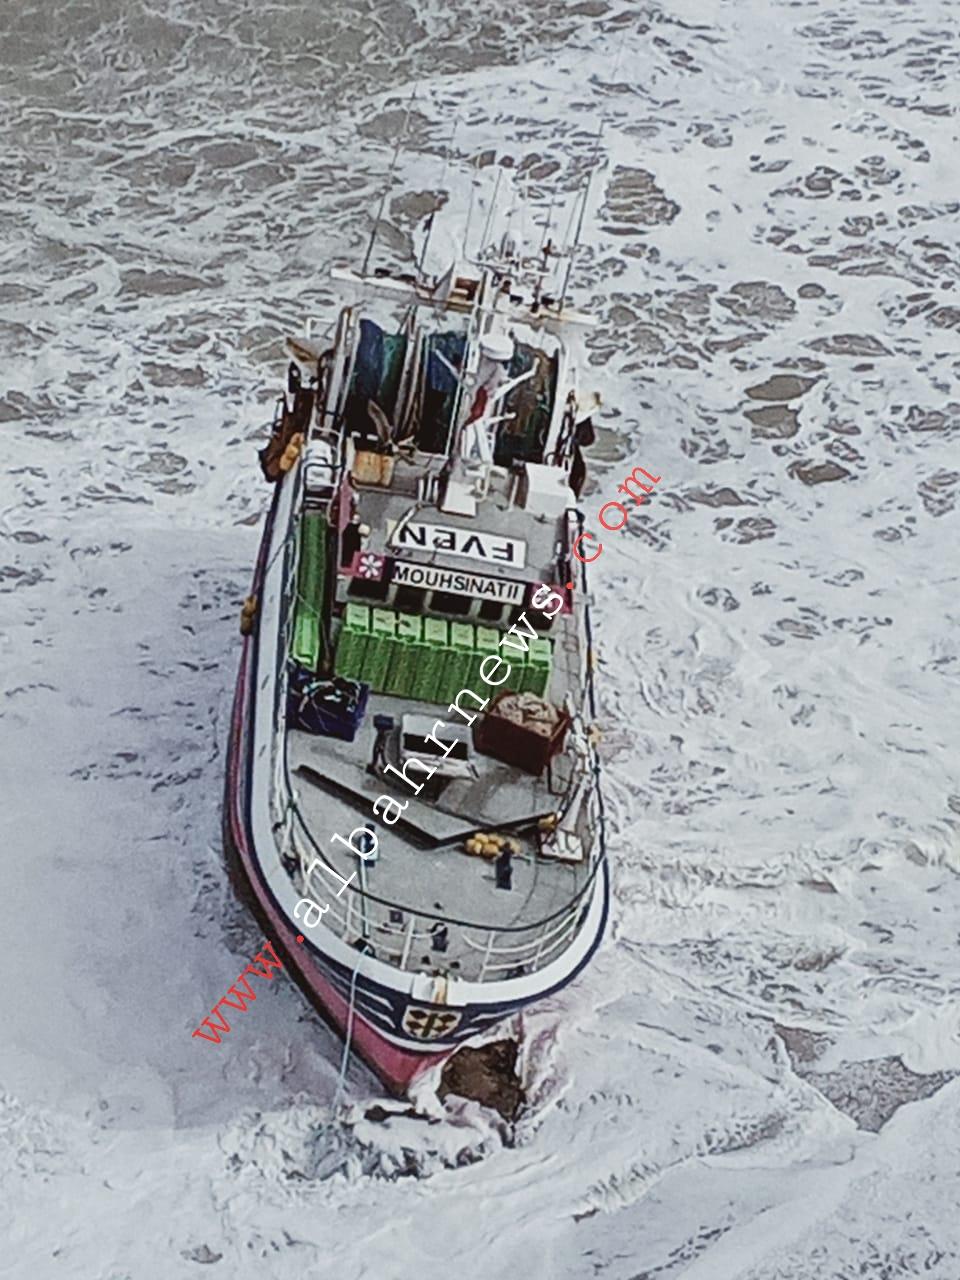 مركب الصيد MOUHSINAT-2 في حالة جنوح بشاطى العركوب